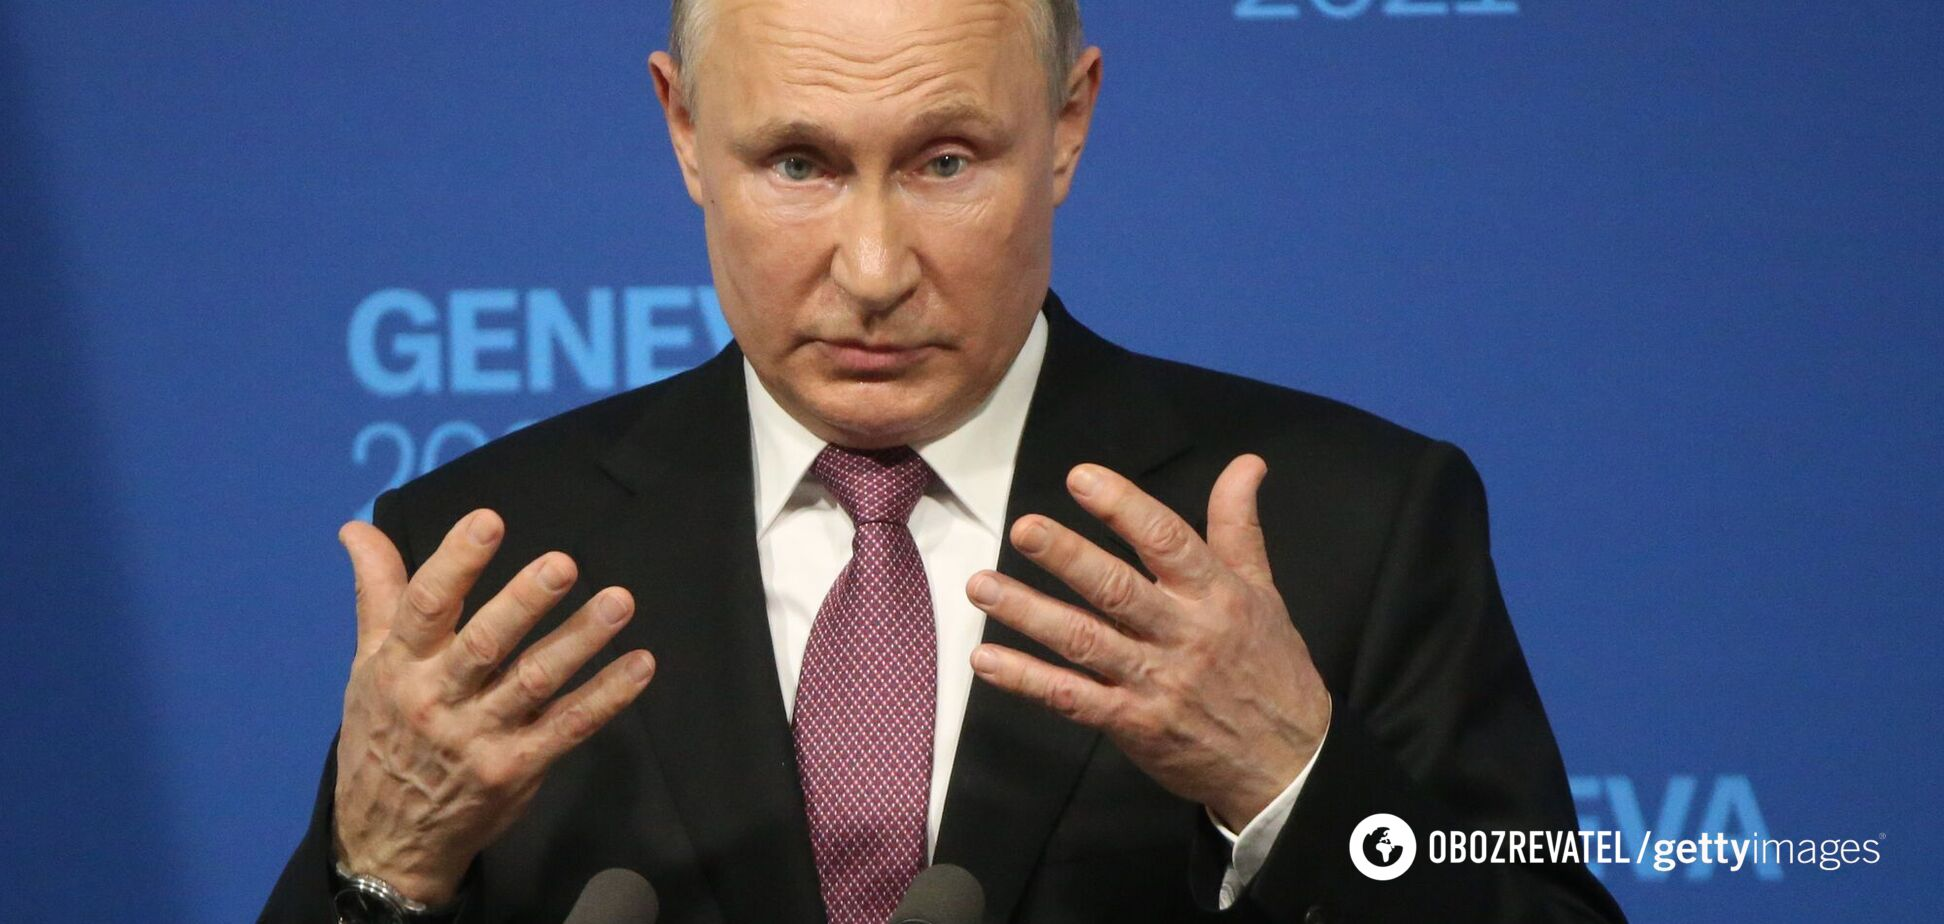 Єдиний саміт, якого уникає Путін